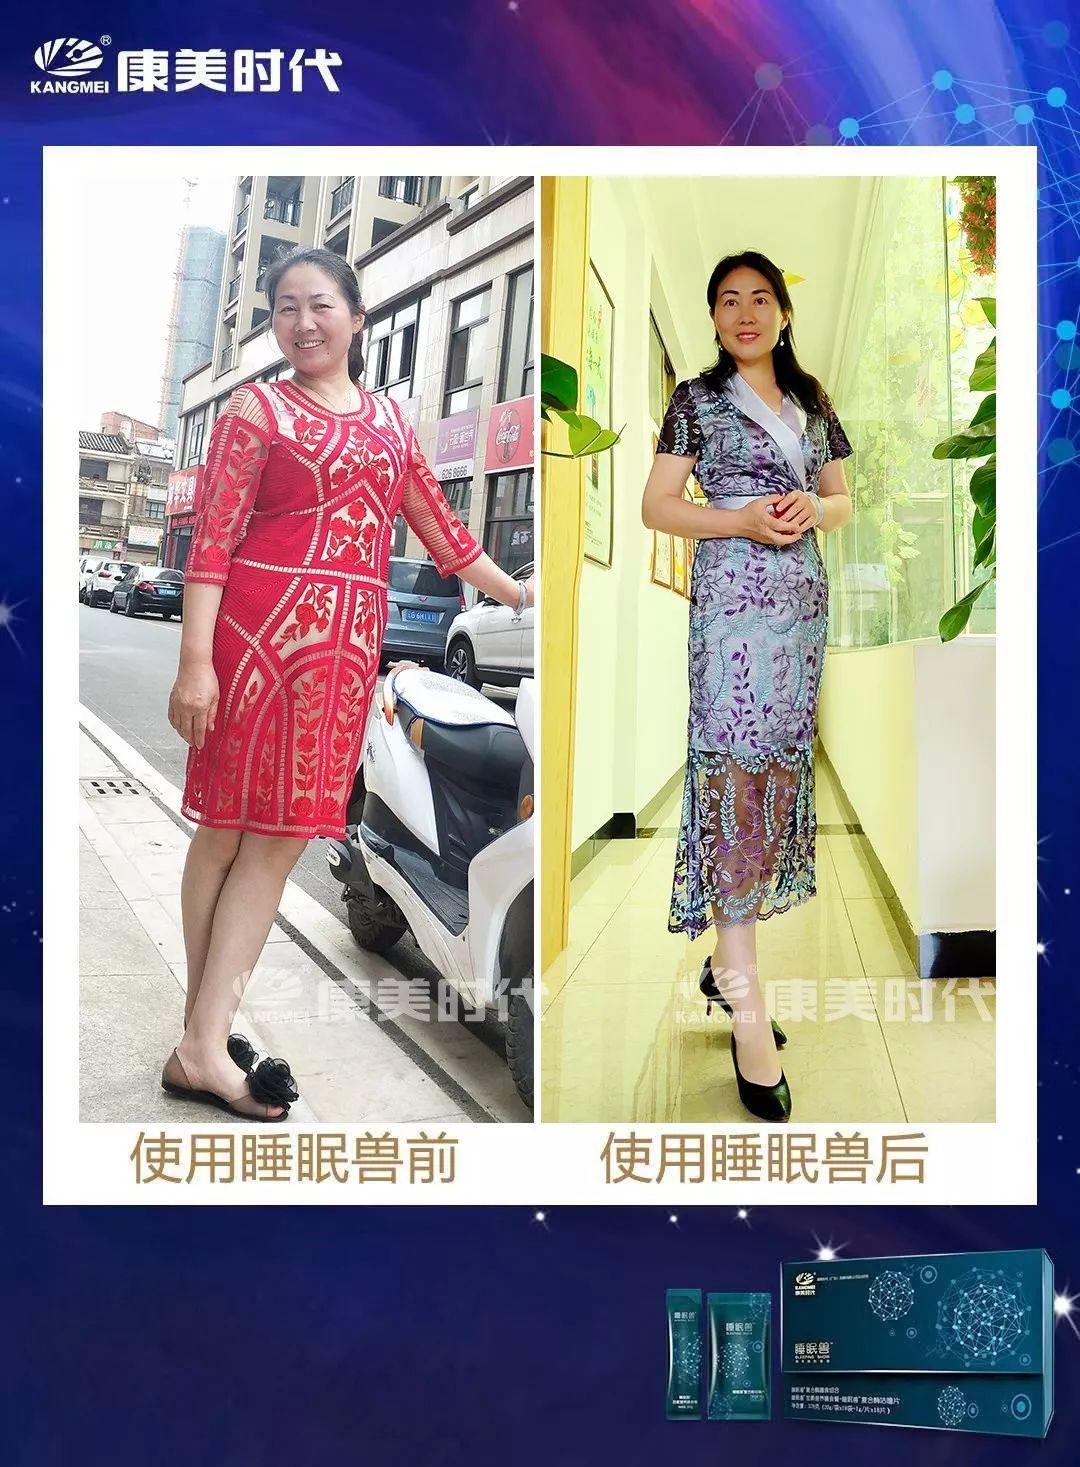 173斤胖妈坚持甩脂51.8斤,瘦出逆天大长腿